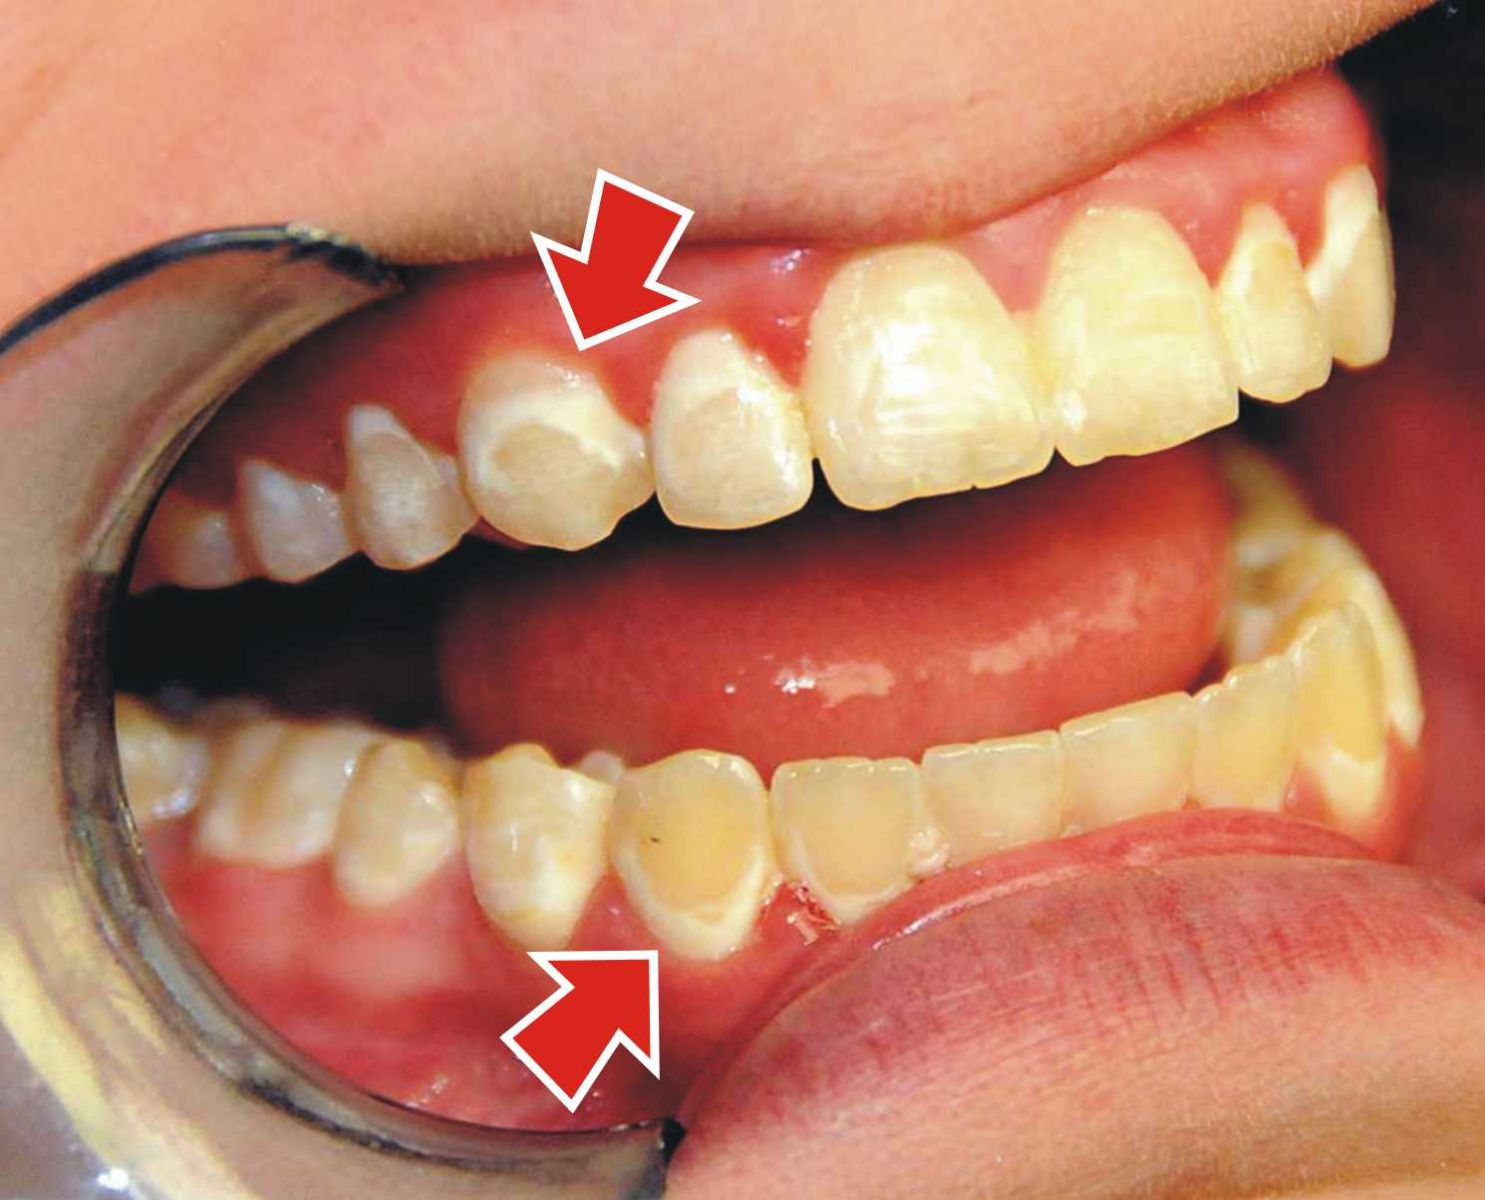 أطعمة تسبب بقع الأسنان احذرها و قلل منها